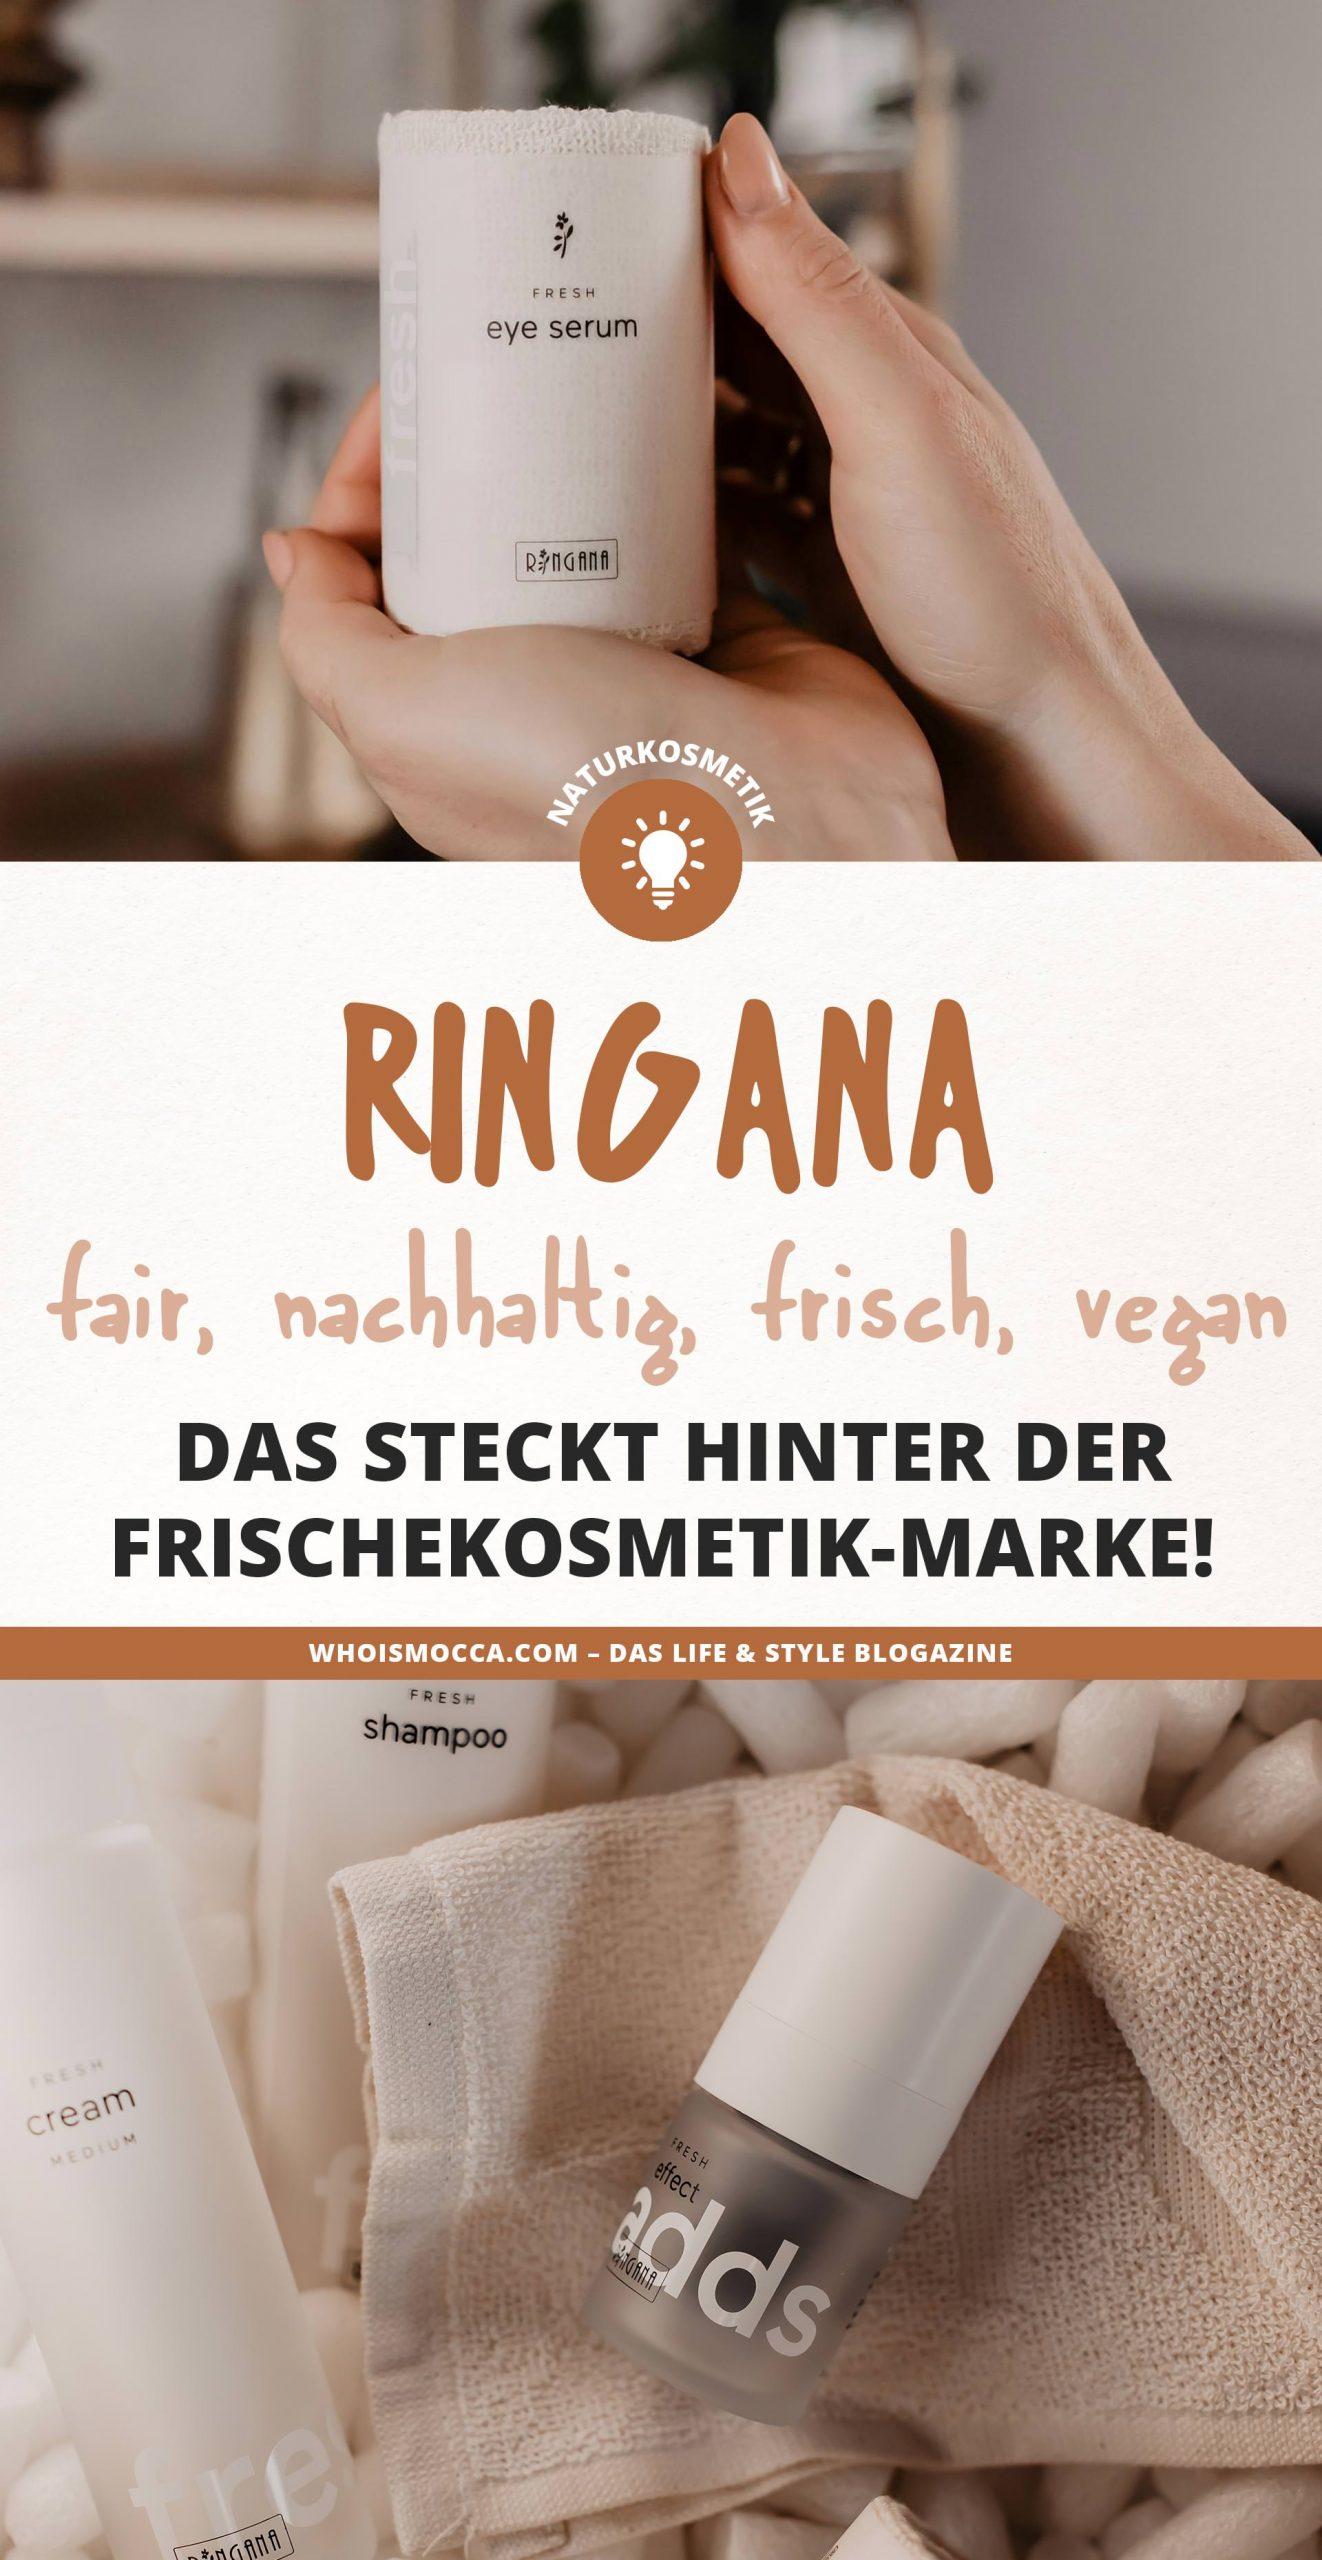 Kennst du schon #RINGANA? Am Beauty Blog erfährst du alles was du zur #Frischekosmetik Marke wissen musst. Ich teile meine Erfahrungen mit dir und erkläre dir, warum Frischekosmetik besser als reine #Naturkosmetik ist. Neugierig geworden? Mehr dazu am Blog www.whoismocca.com